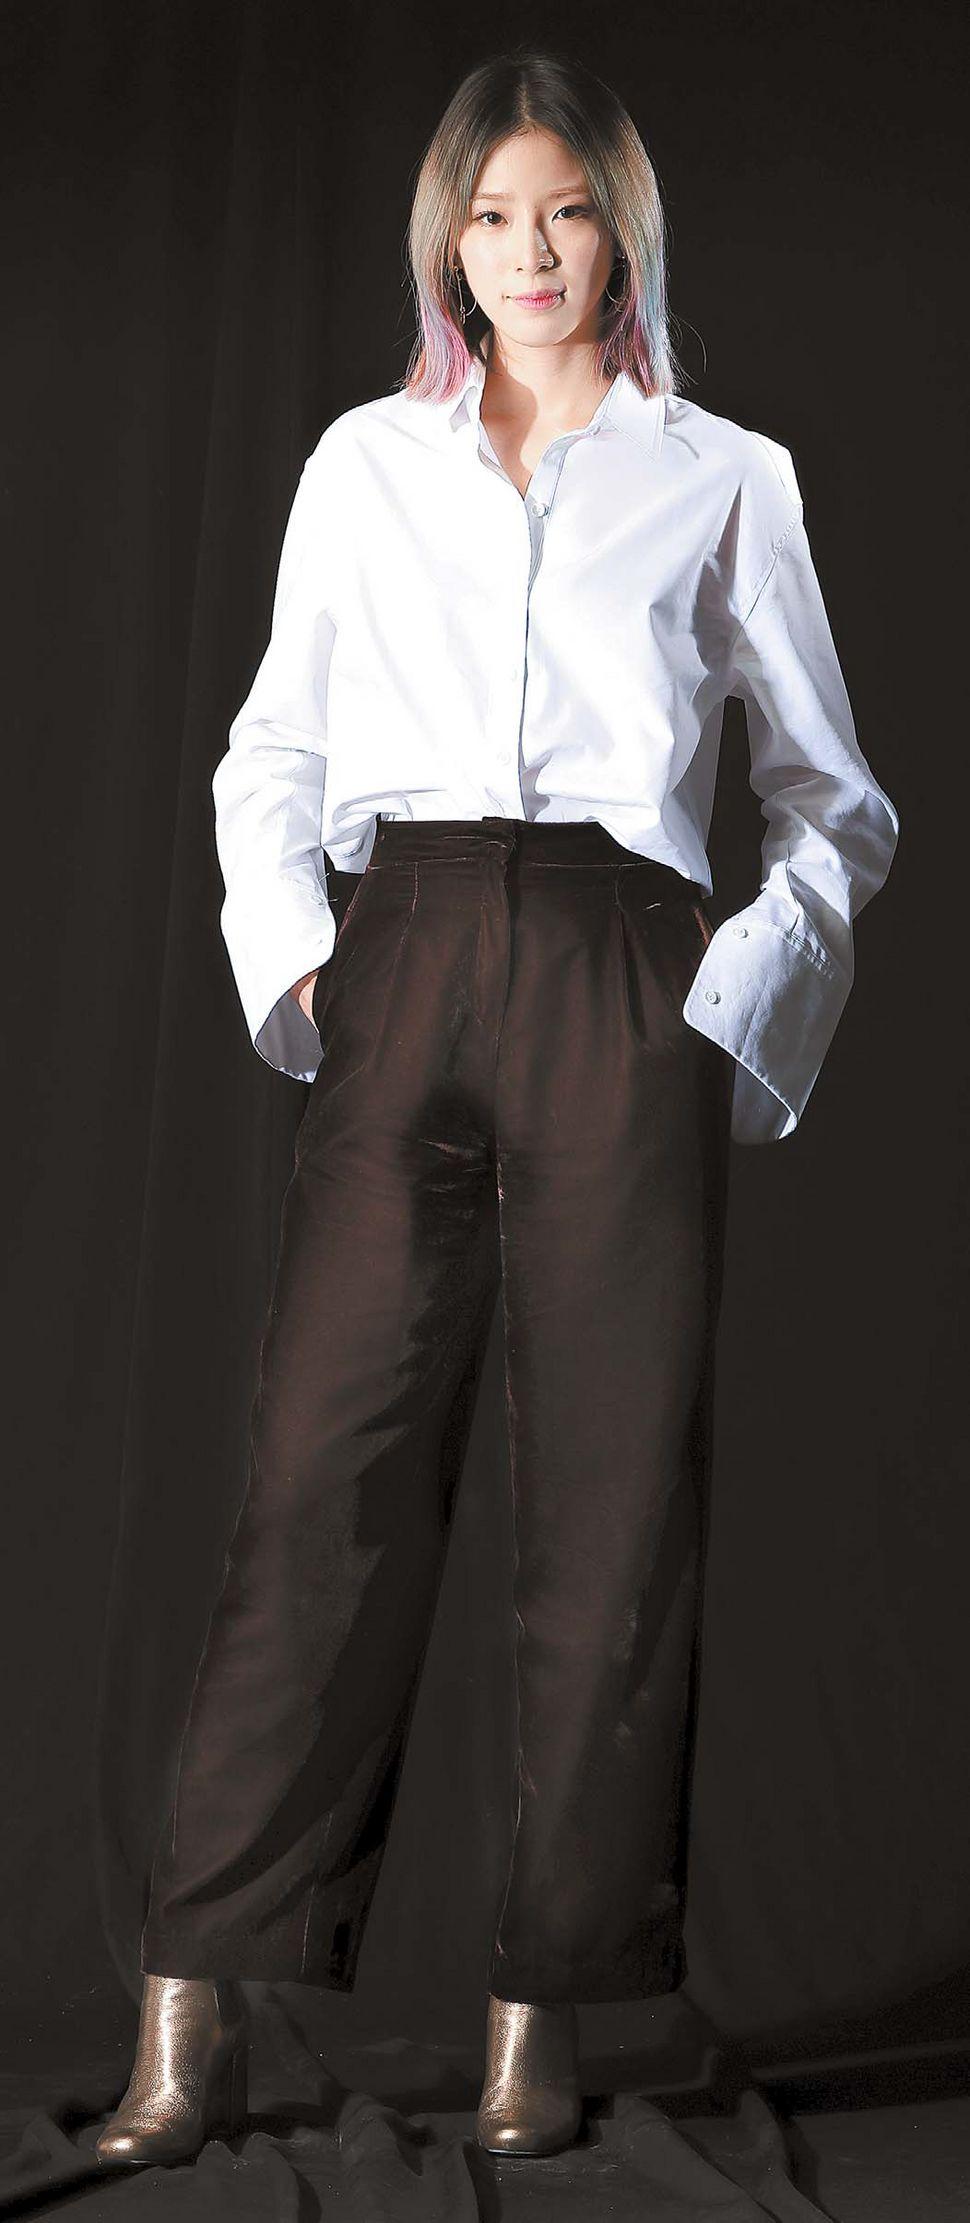 패션·뷰티업계에서 대표적인 인플루언서로 꼽히는 모델 아이린.